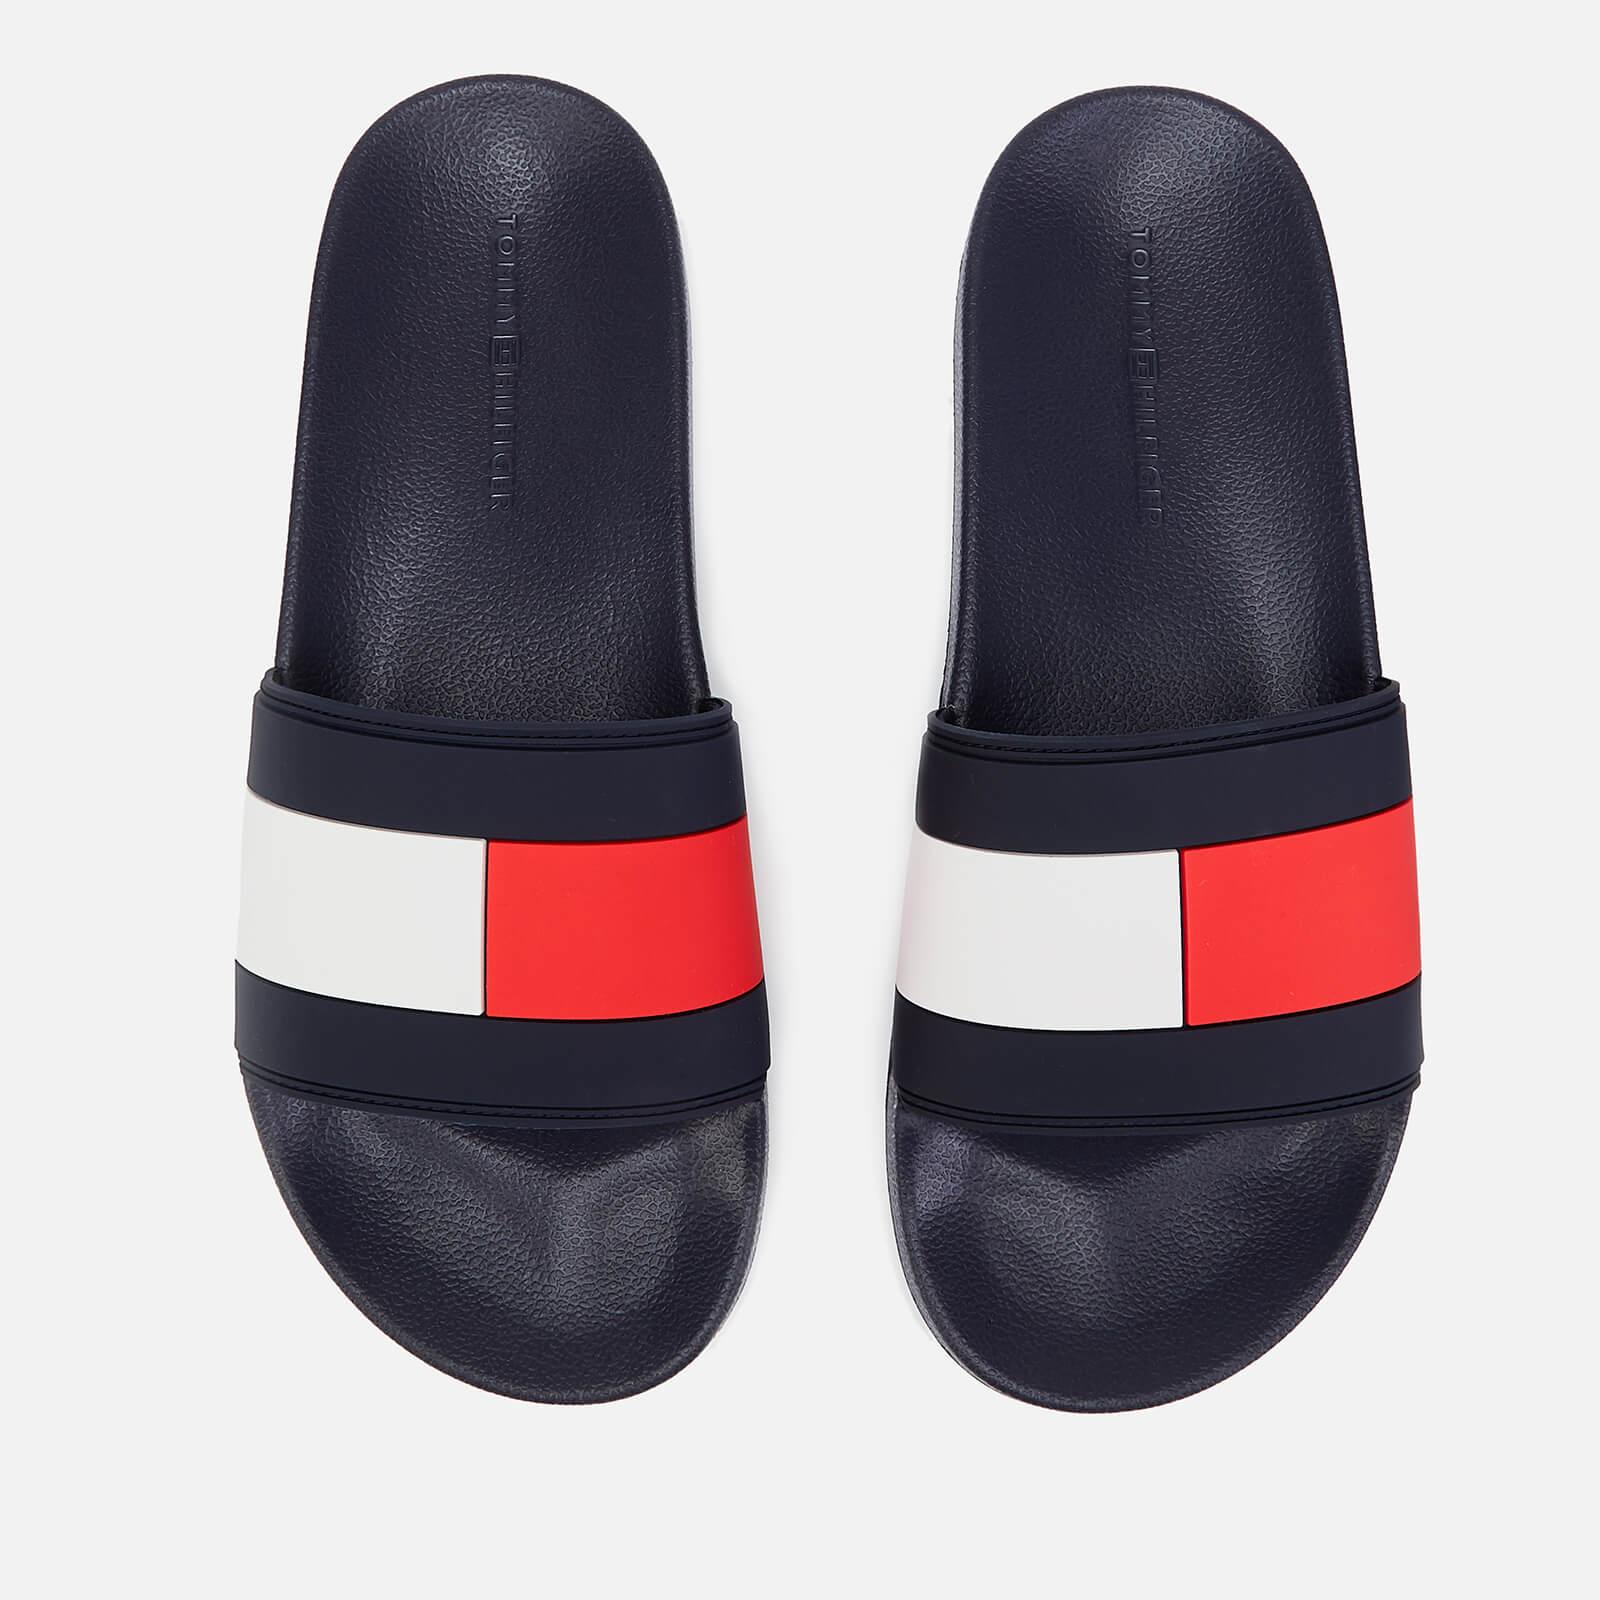 4c406c66b Tommy Hilfiger Men s Essential Flag Pool Slide Sandals - Red White Blue  Mens Footwear